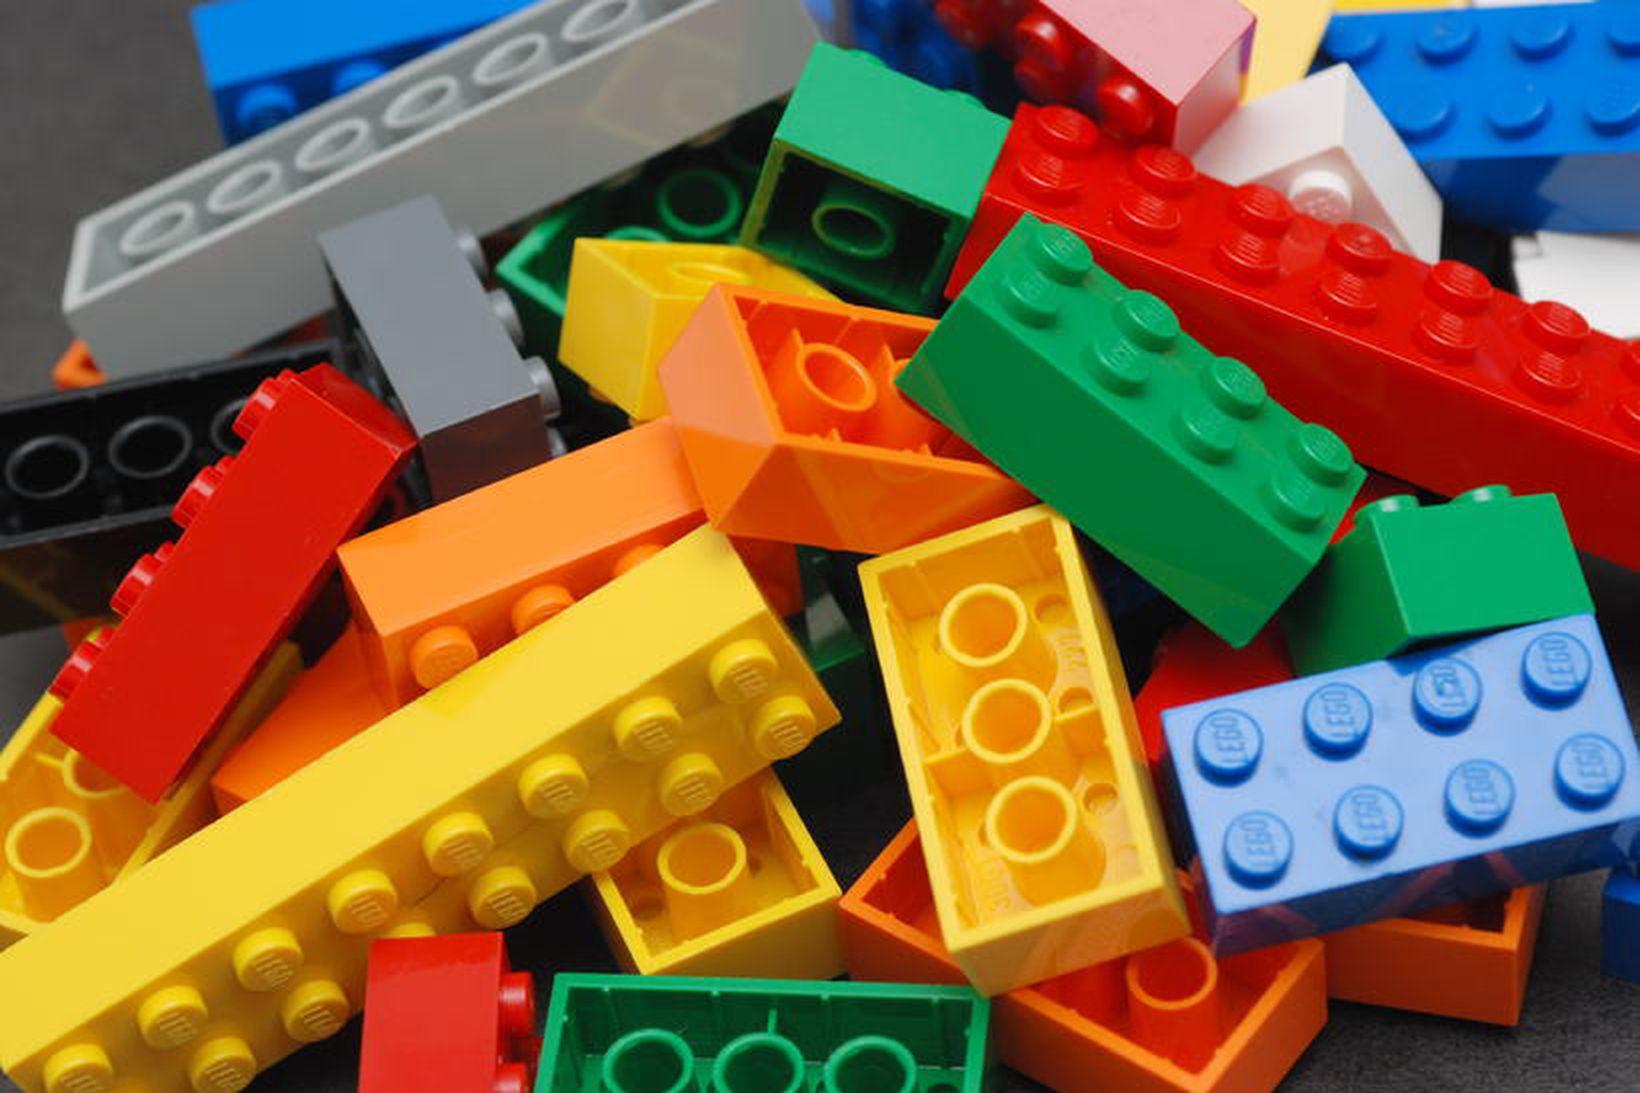 Mesti verðmunur í krónum talið er 9.500 krónur en Lego …